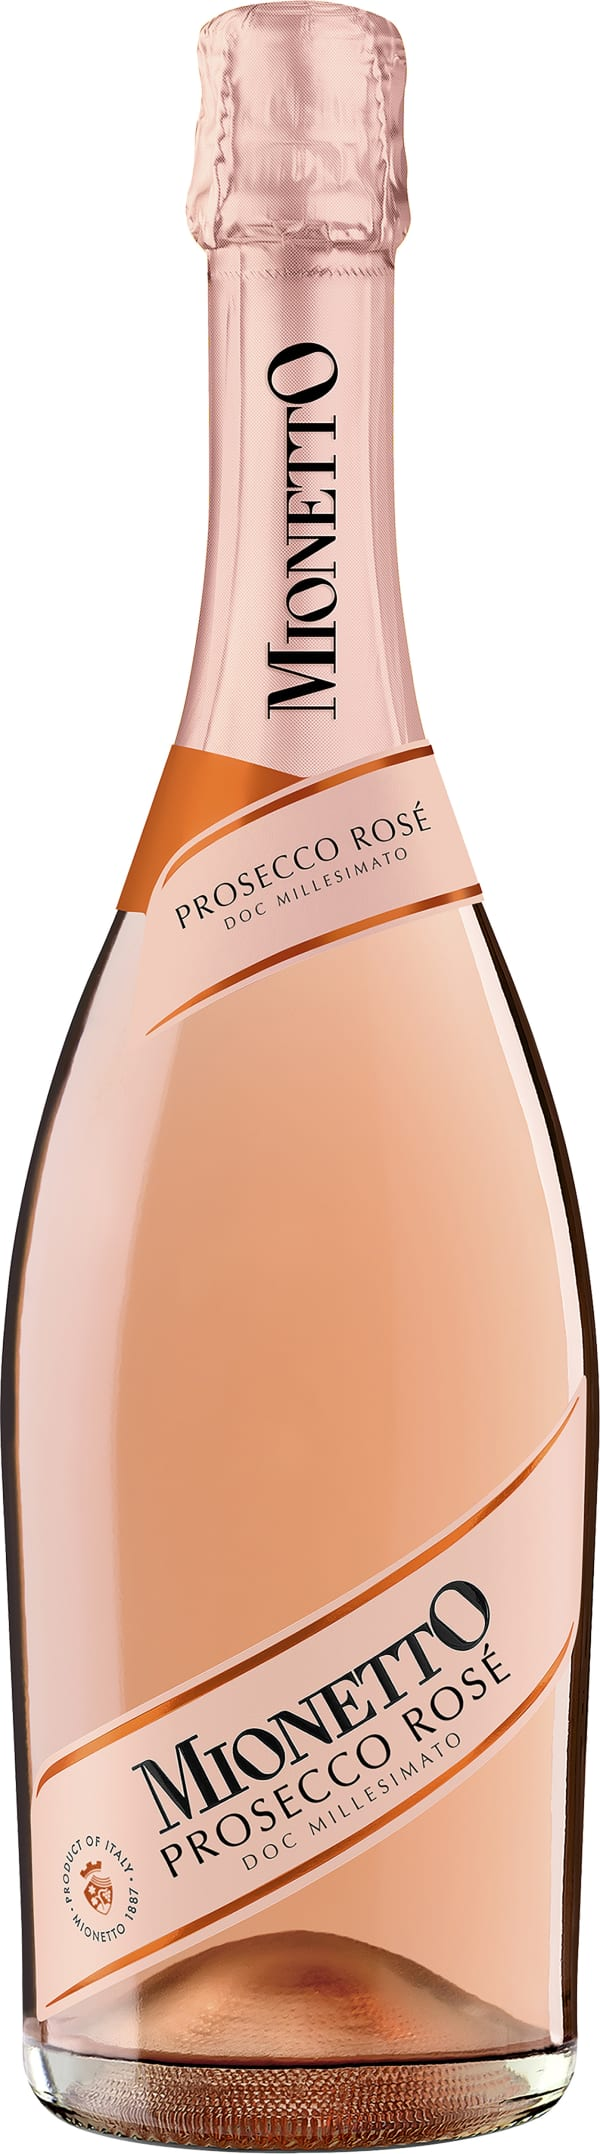 Mionetto Millesimato Prosecco Rosé Extra Dry 2019